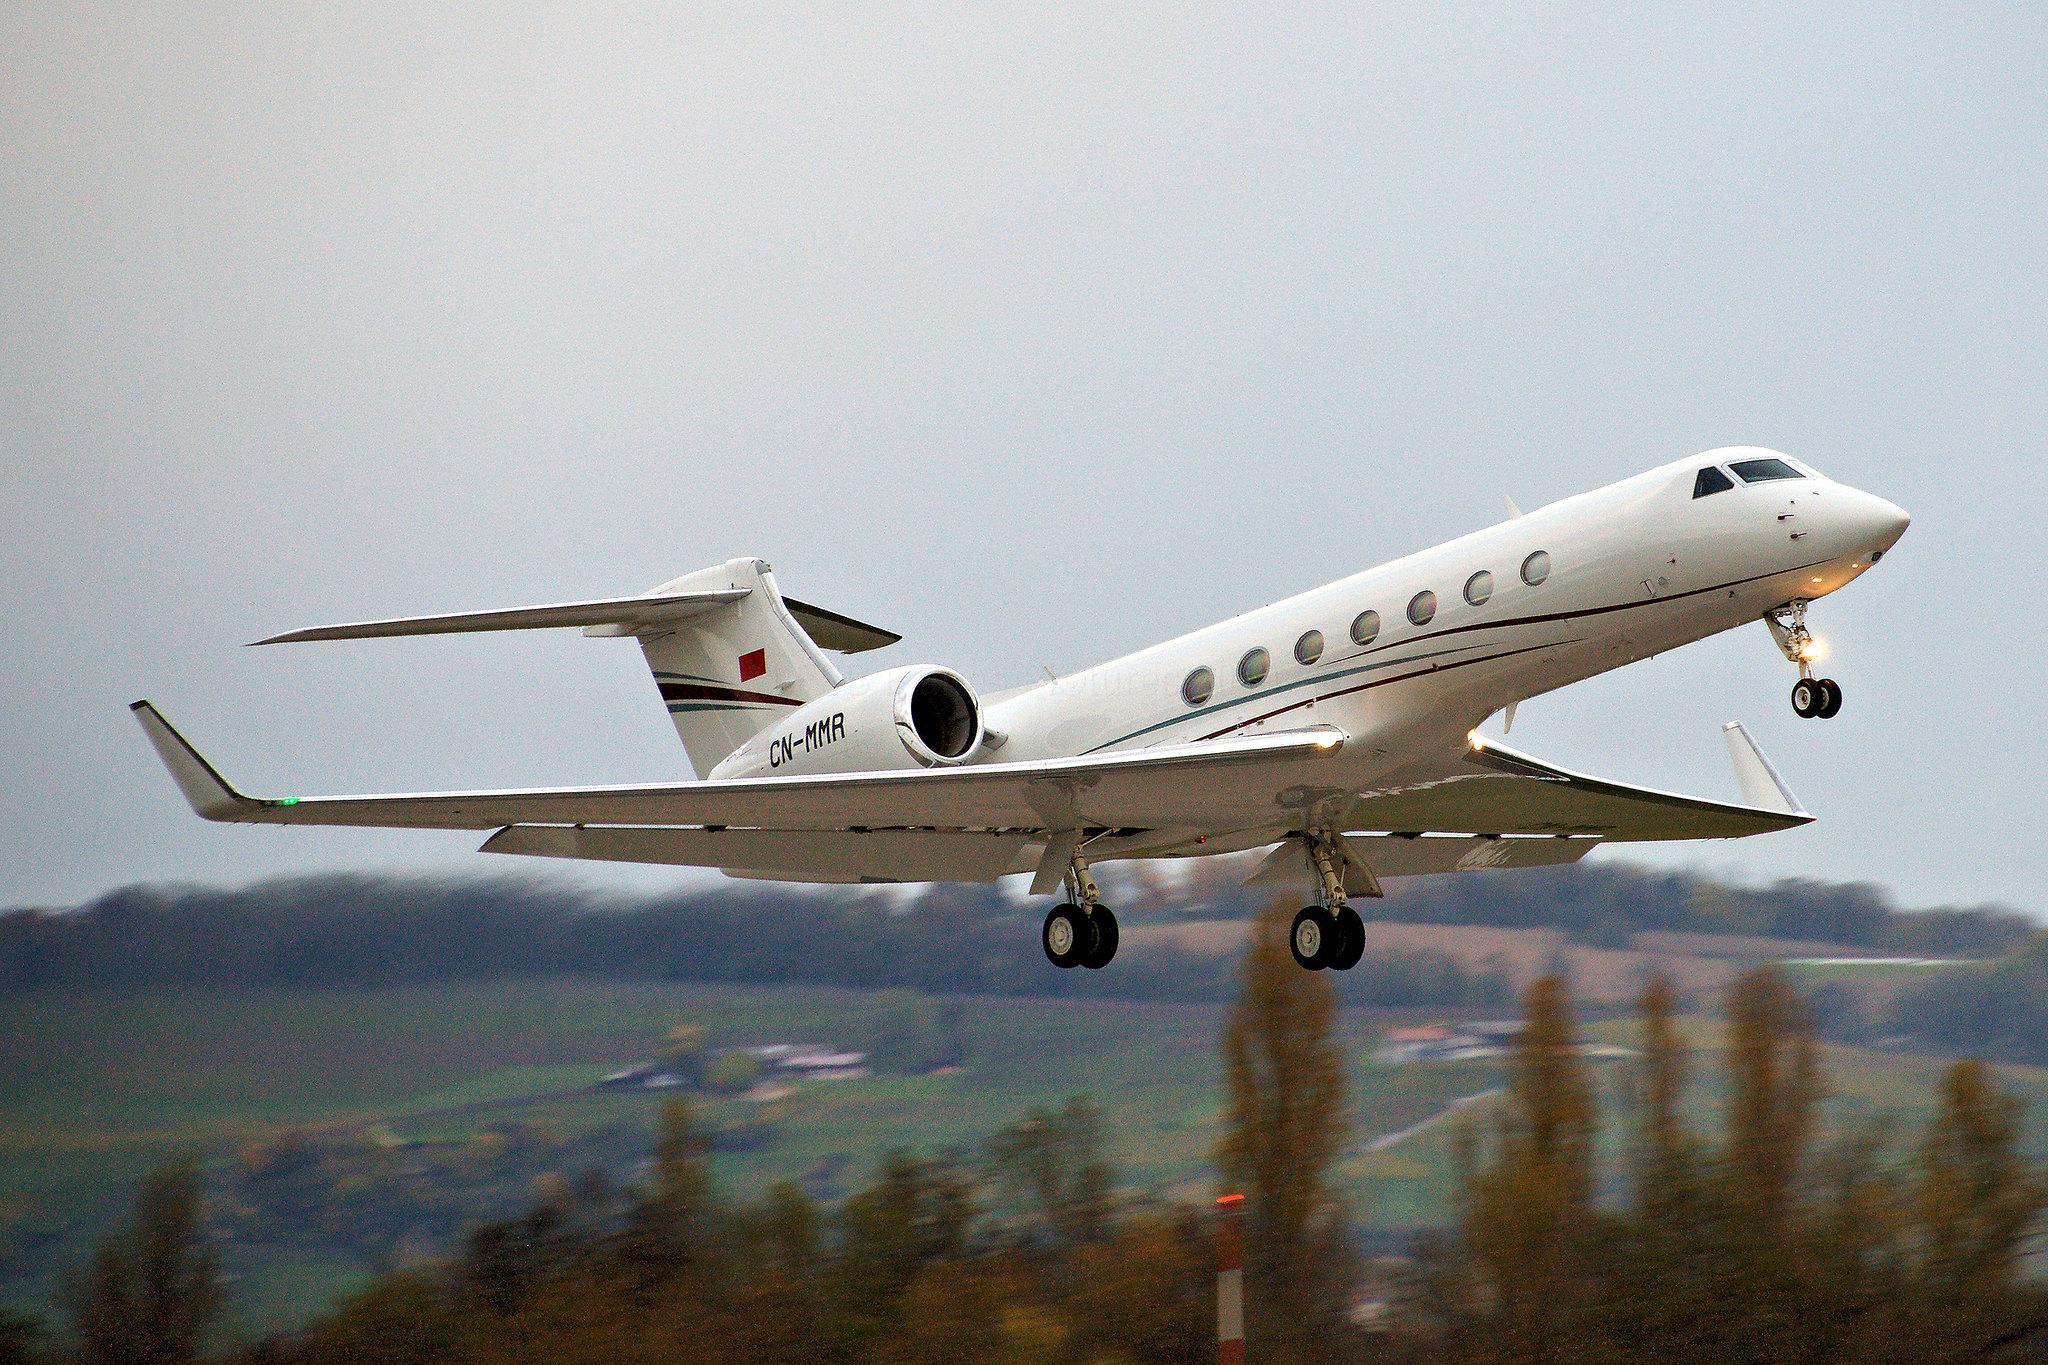 FRA: Avions VIP, Liaison & ECM - Page 23 49064781671_1705e99f6f_k